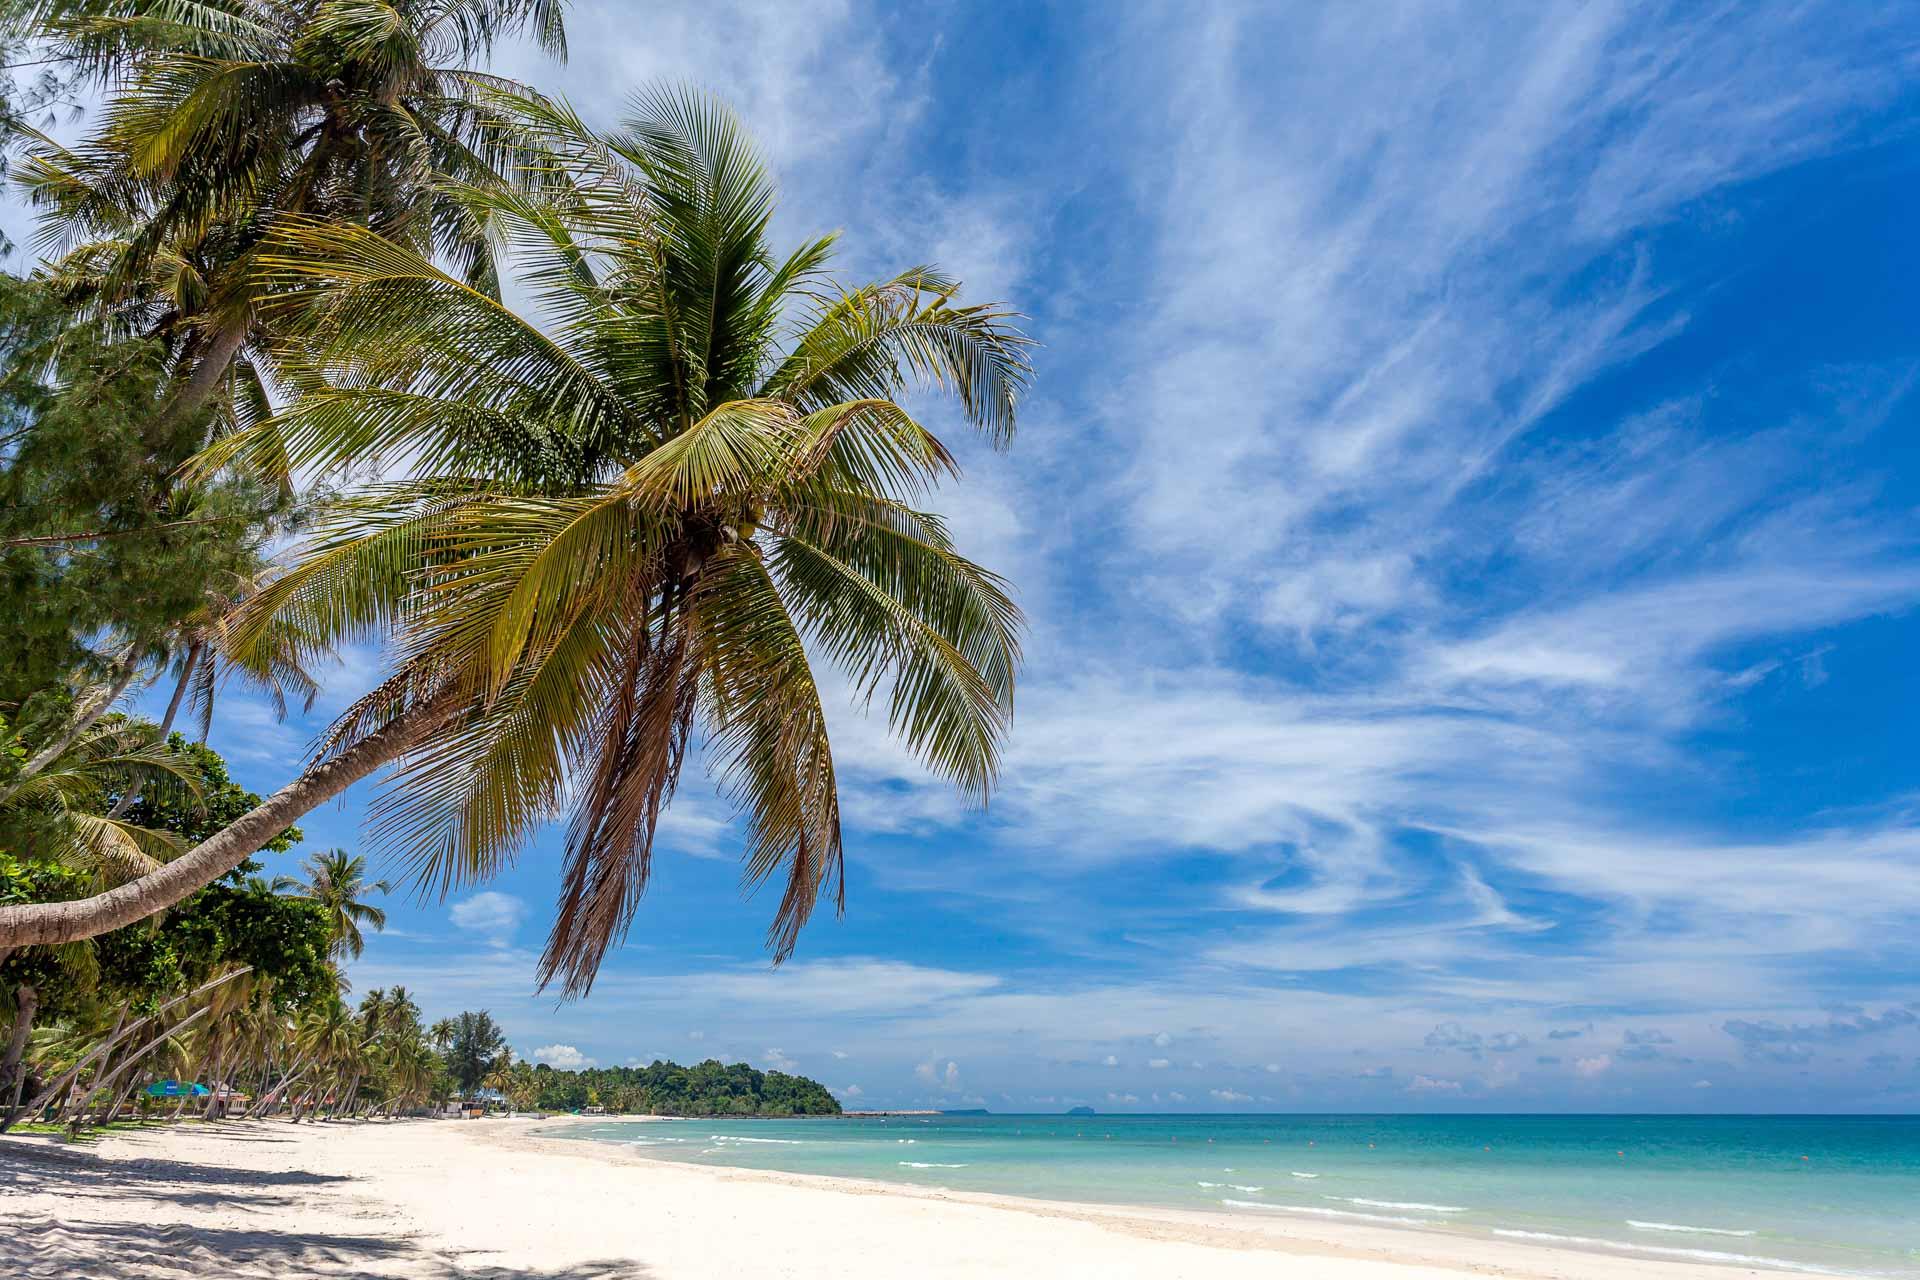 Wakacje naMauritiusie, rajska plaża, plaża zbiałym piaskiem